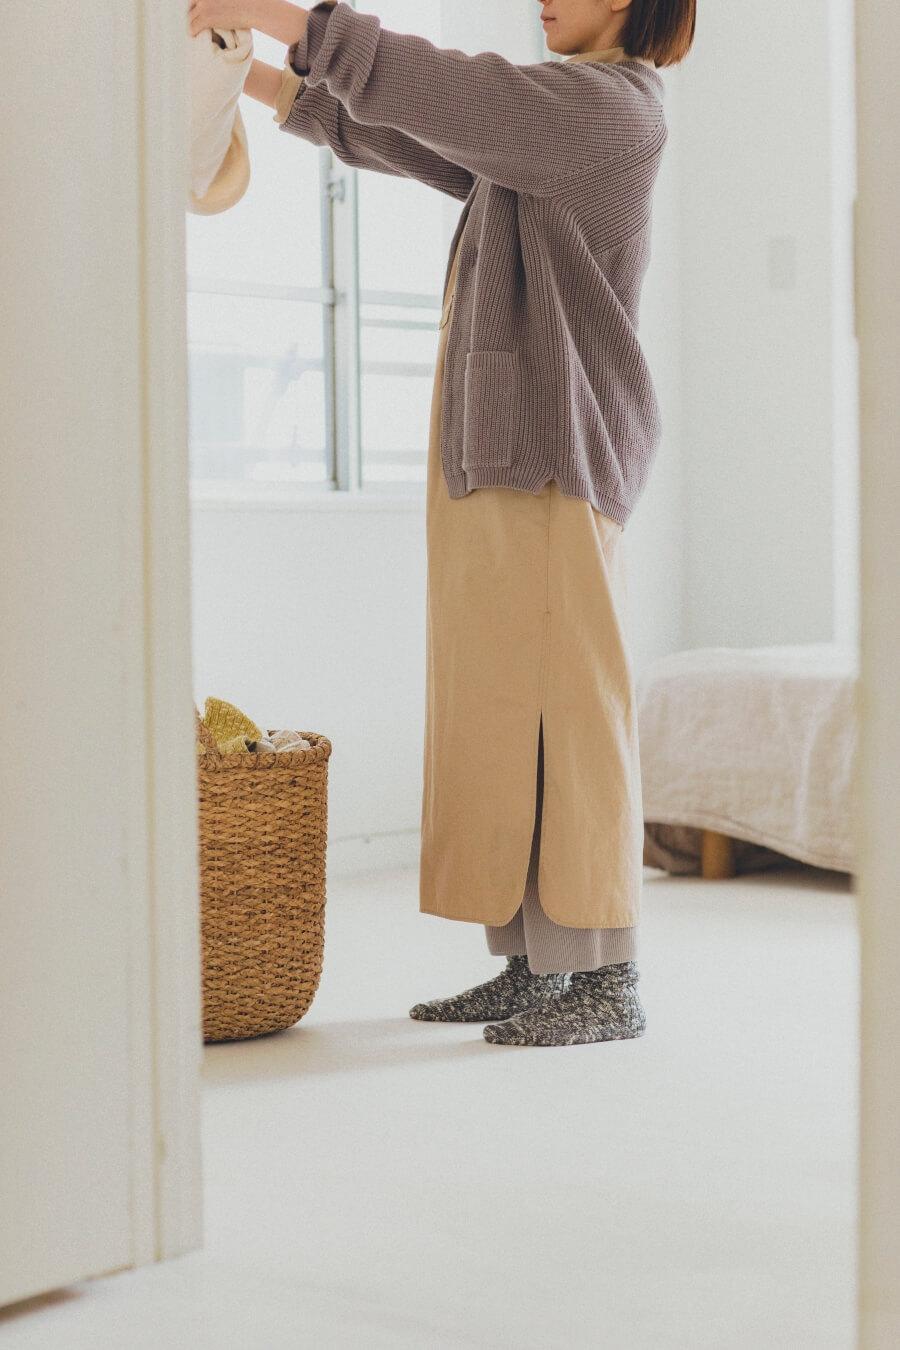 当たりつきギフト専用靴下のLUCKY SOCKS(ラッキーソックス)のMix Rib Socks(ミックスリブソックス)のダークグレー_image1